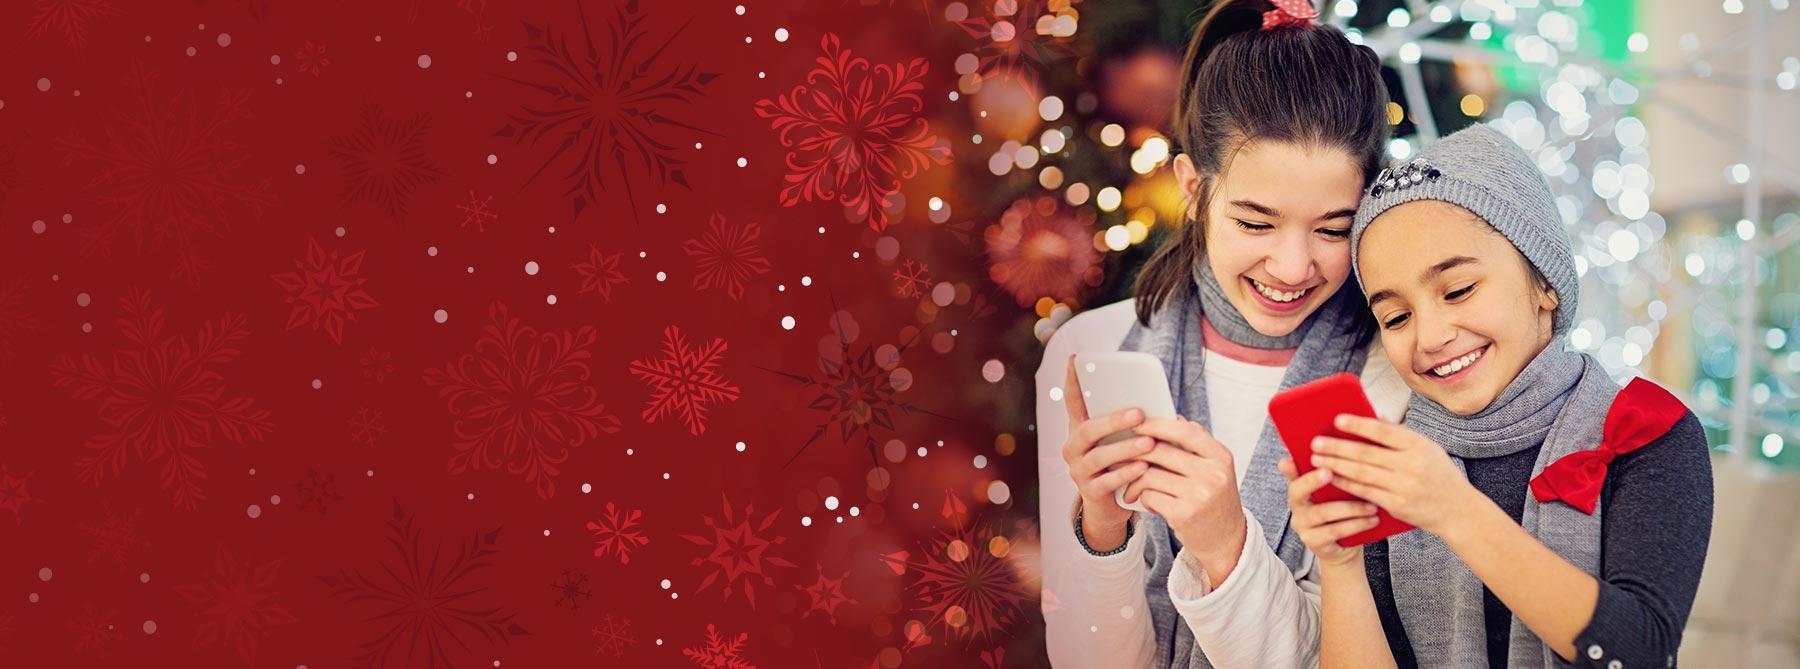 Call Santa's Hotline | FreeConferenceCall com